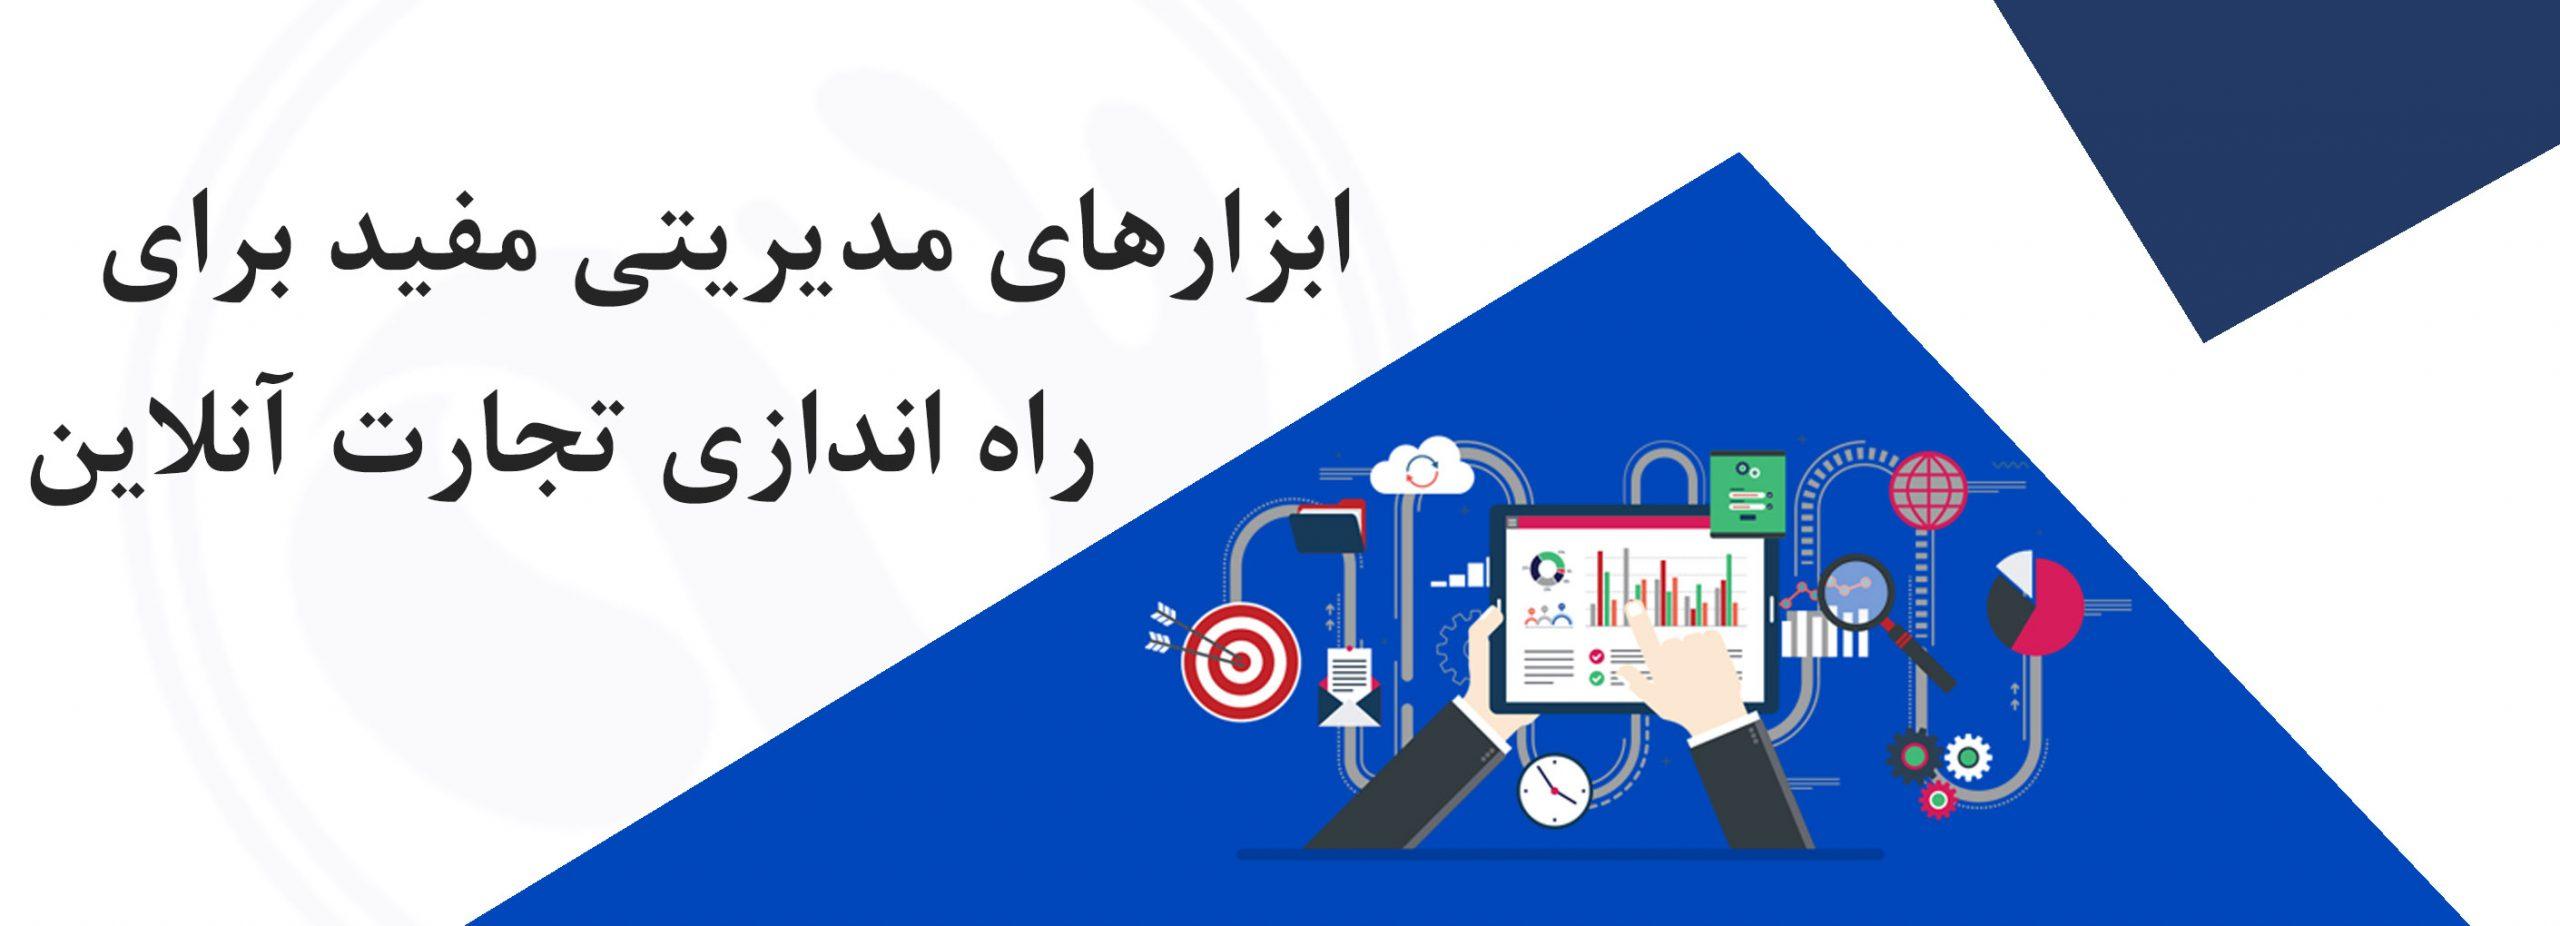 ابزارهای مدیریتی مفید برای تجارت آنلاین